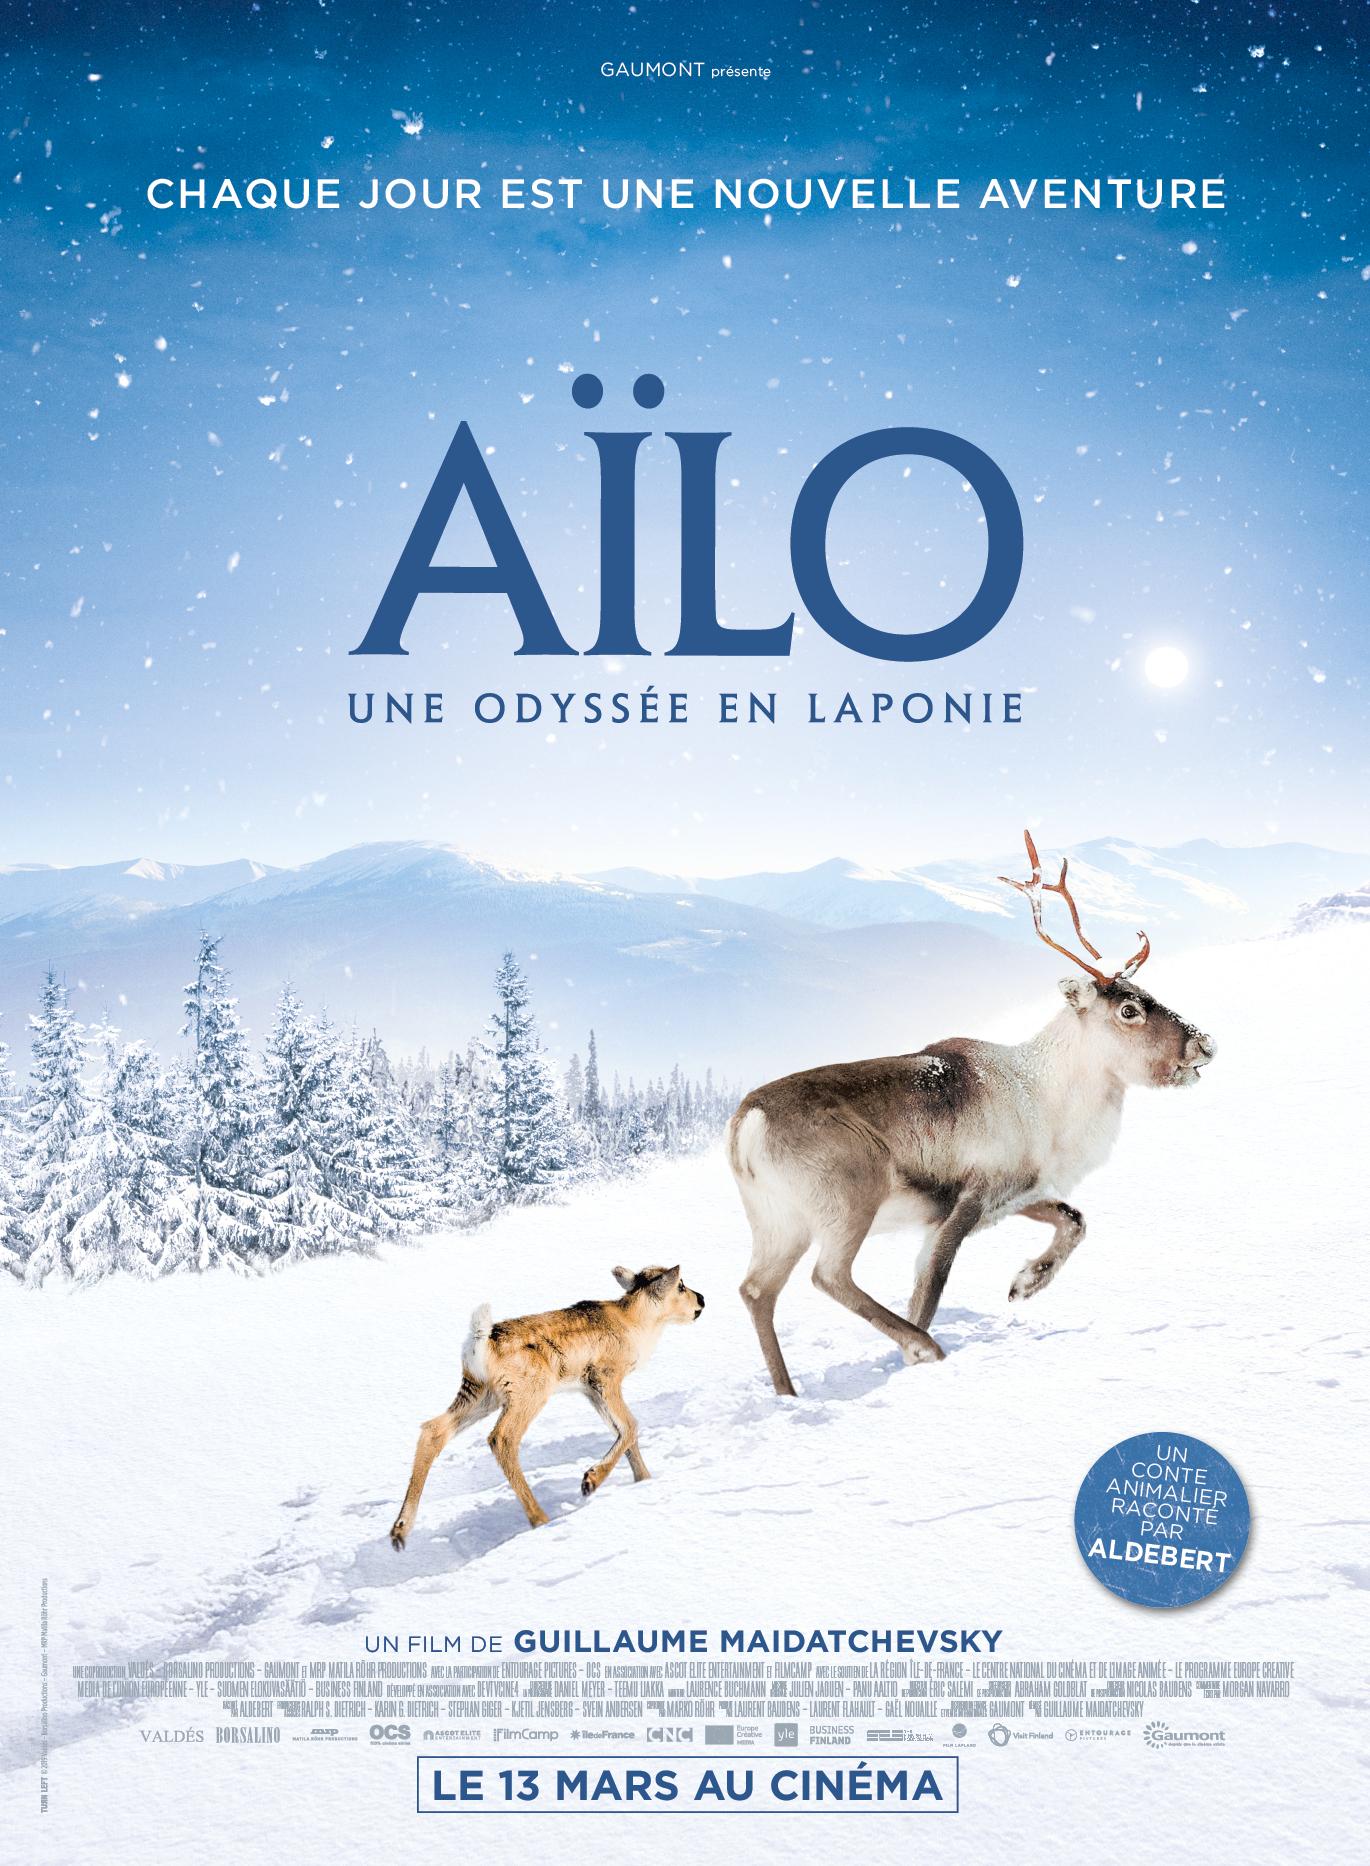 Affiche de film AÏlo tourné en Laponie finlandaise